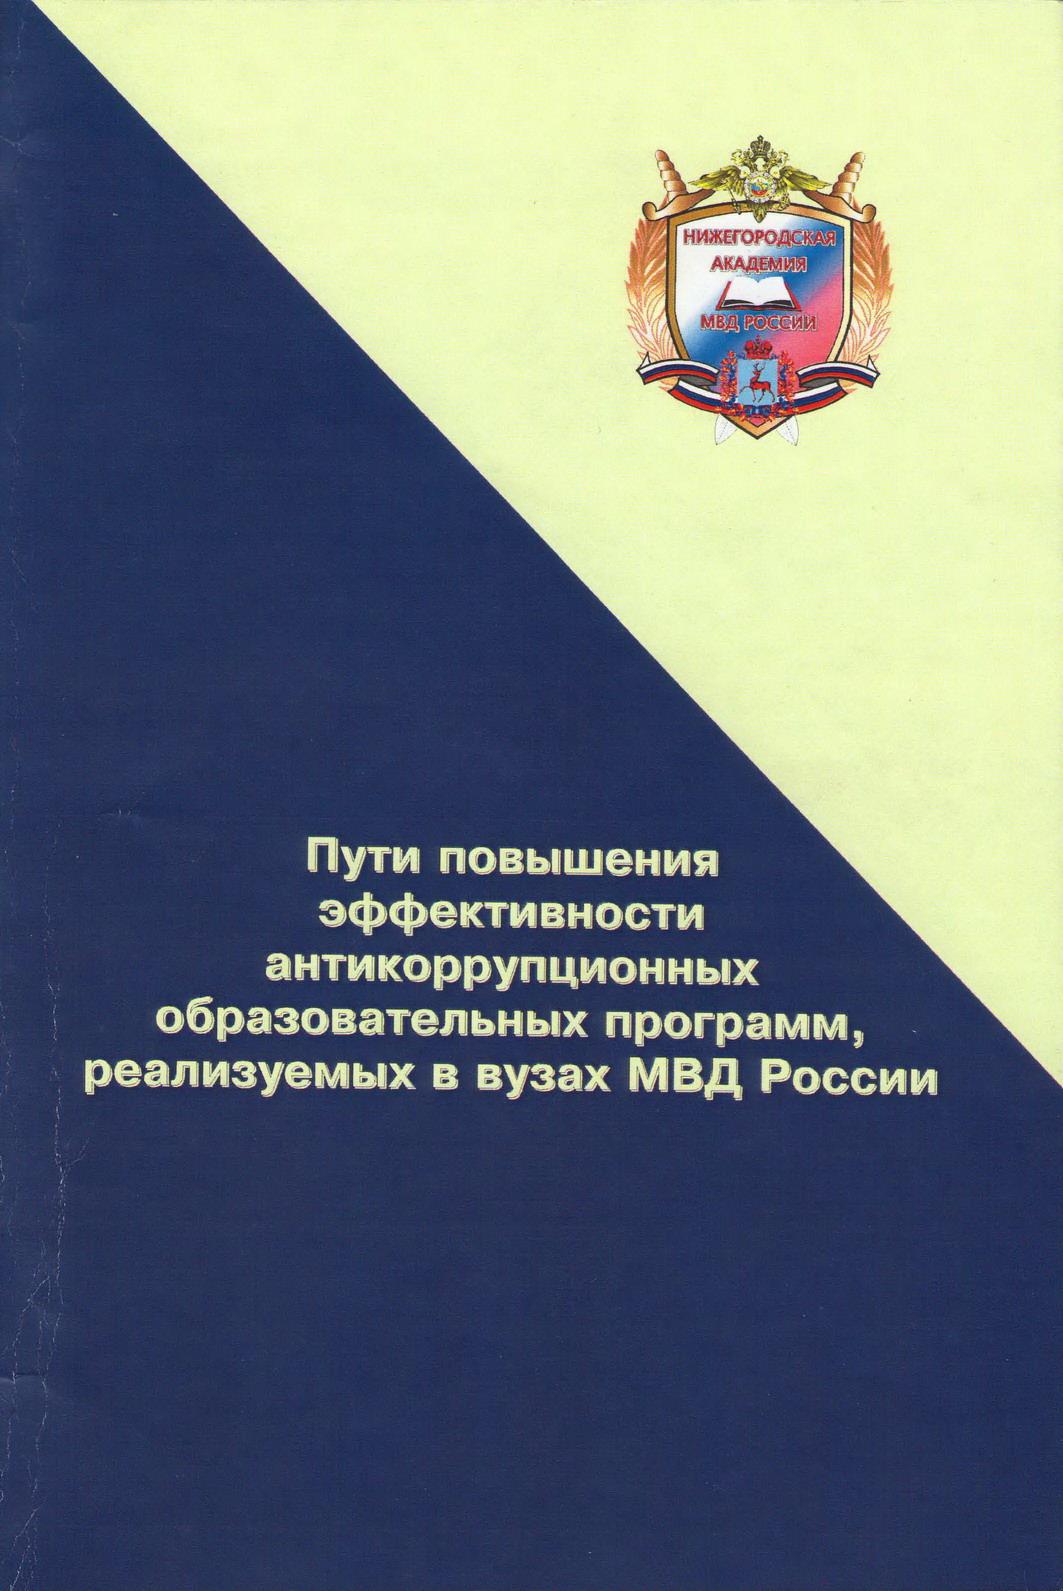 Методико-криминалистические аспекты практической направленности обучения противодействию коррупции и легализации преступных доходов